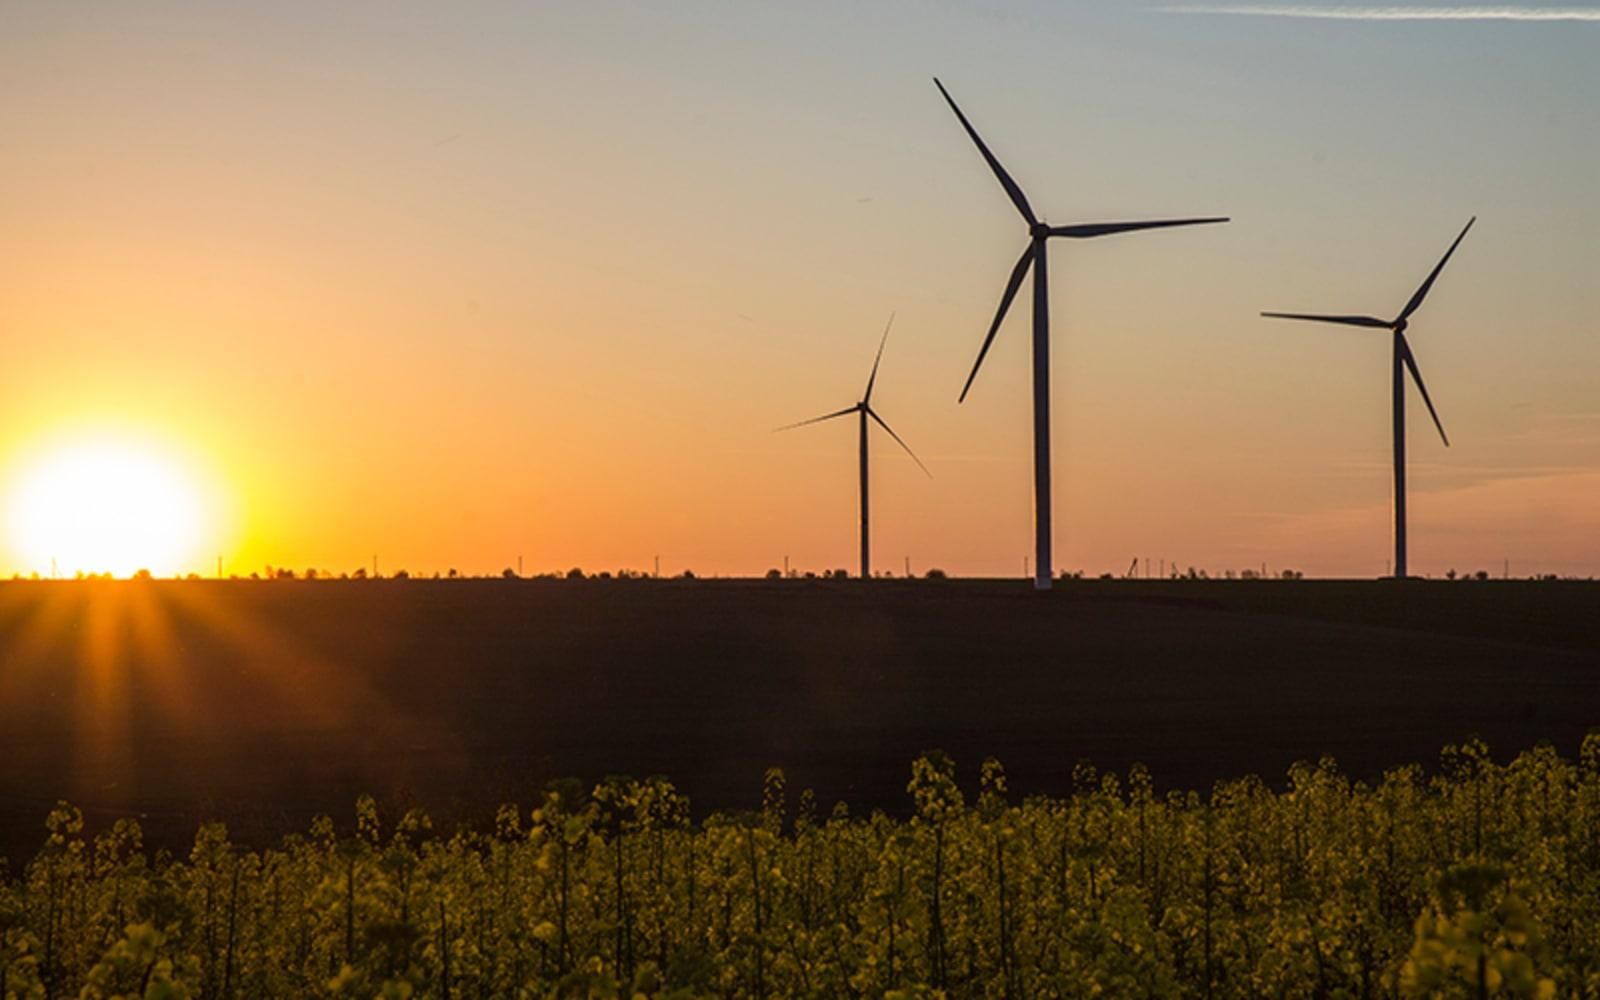 Pärnu algatas Enefit Greeni taotlusel tuulepargi eriplaneeringu